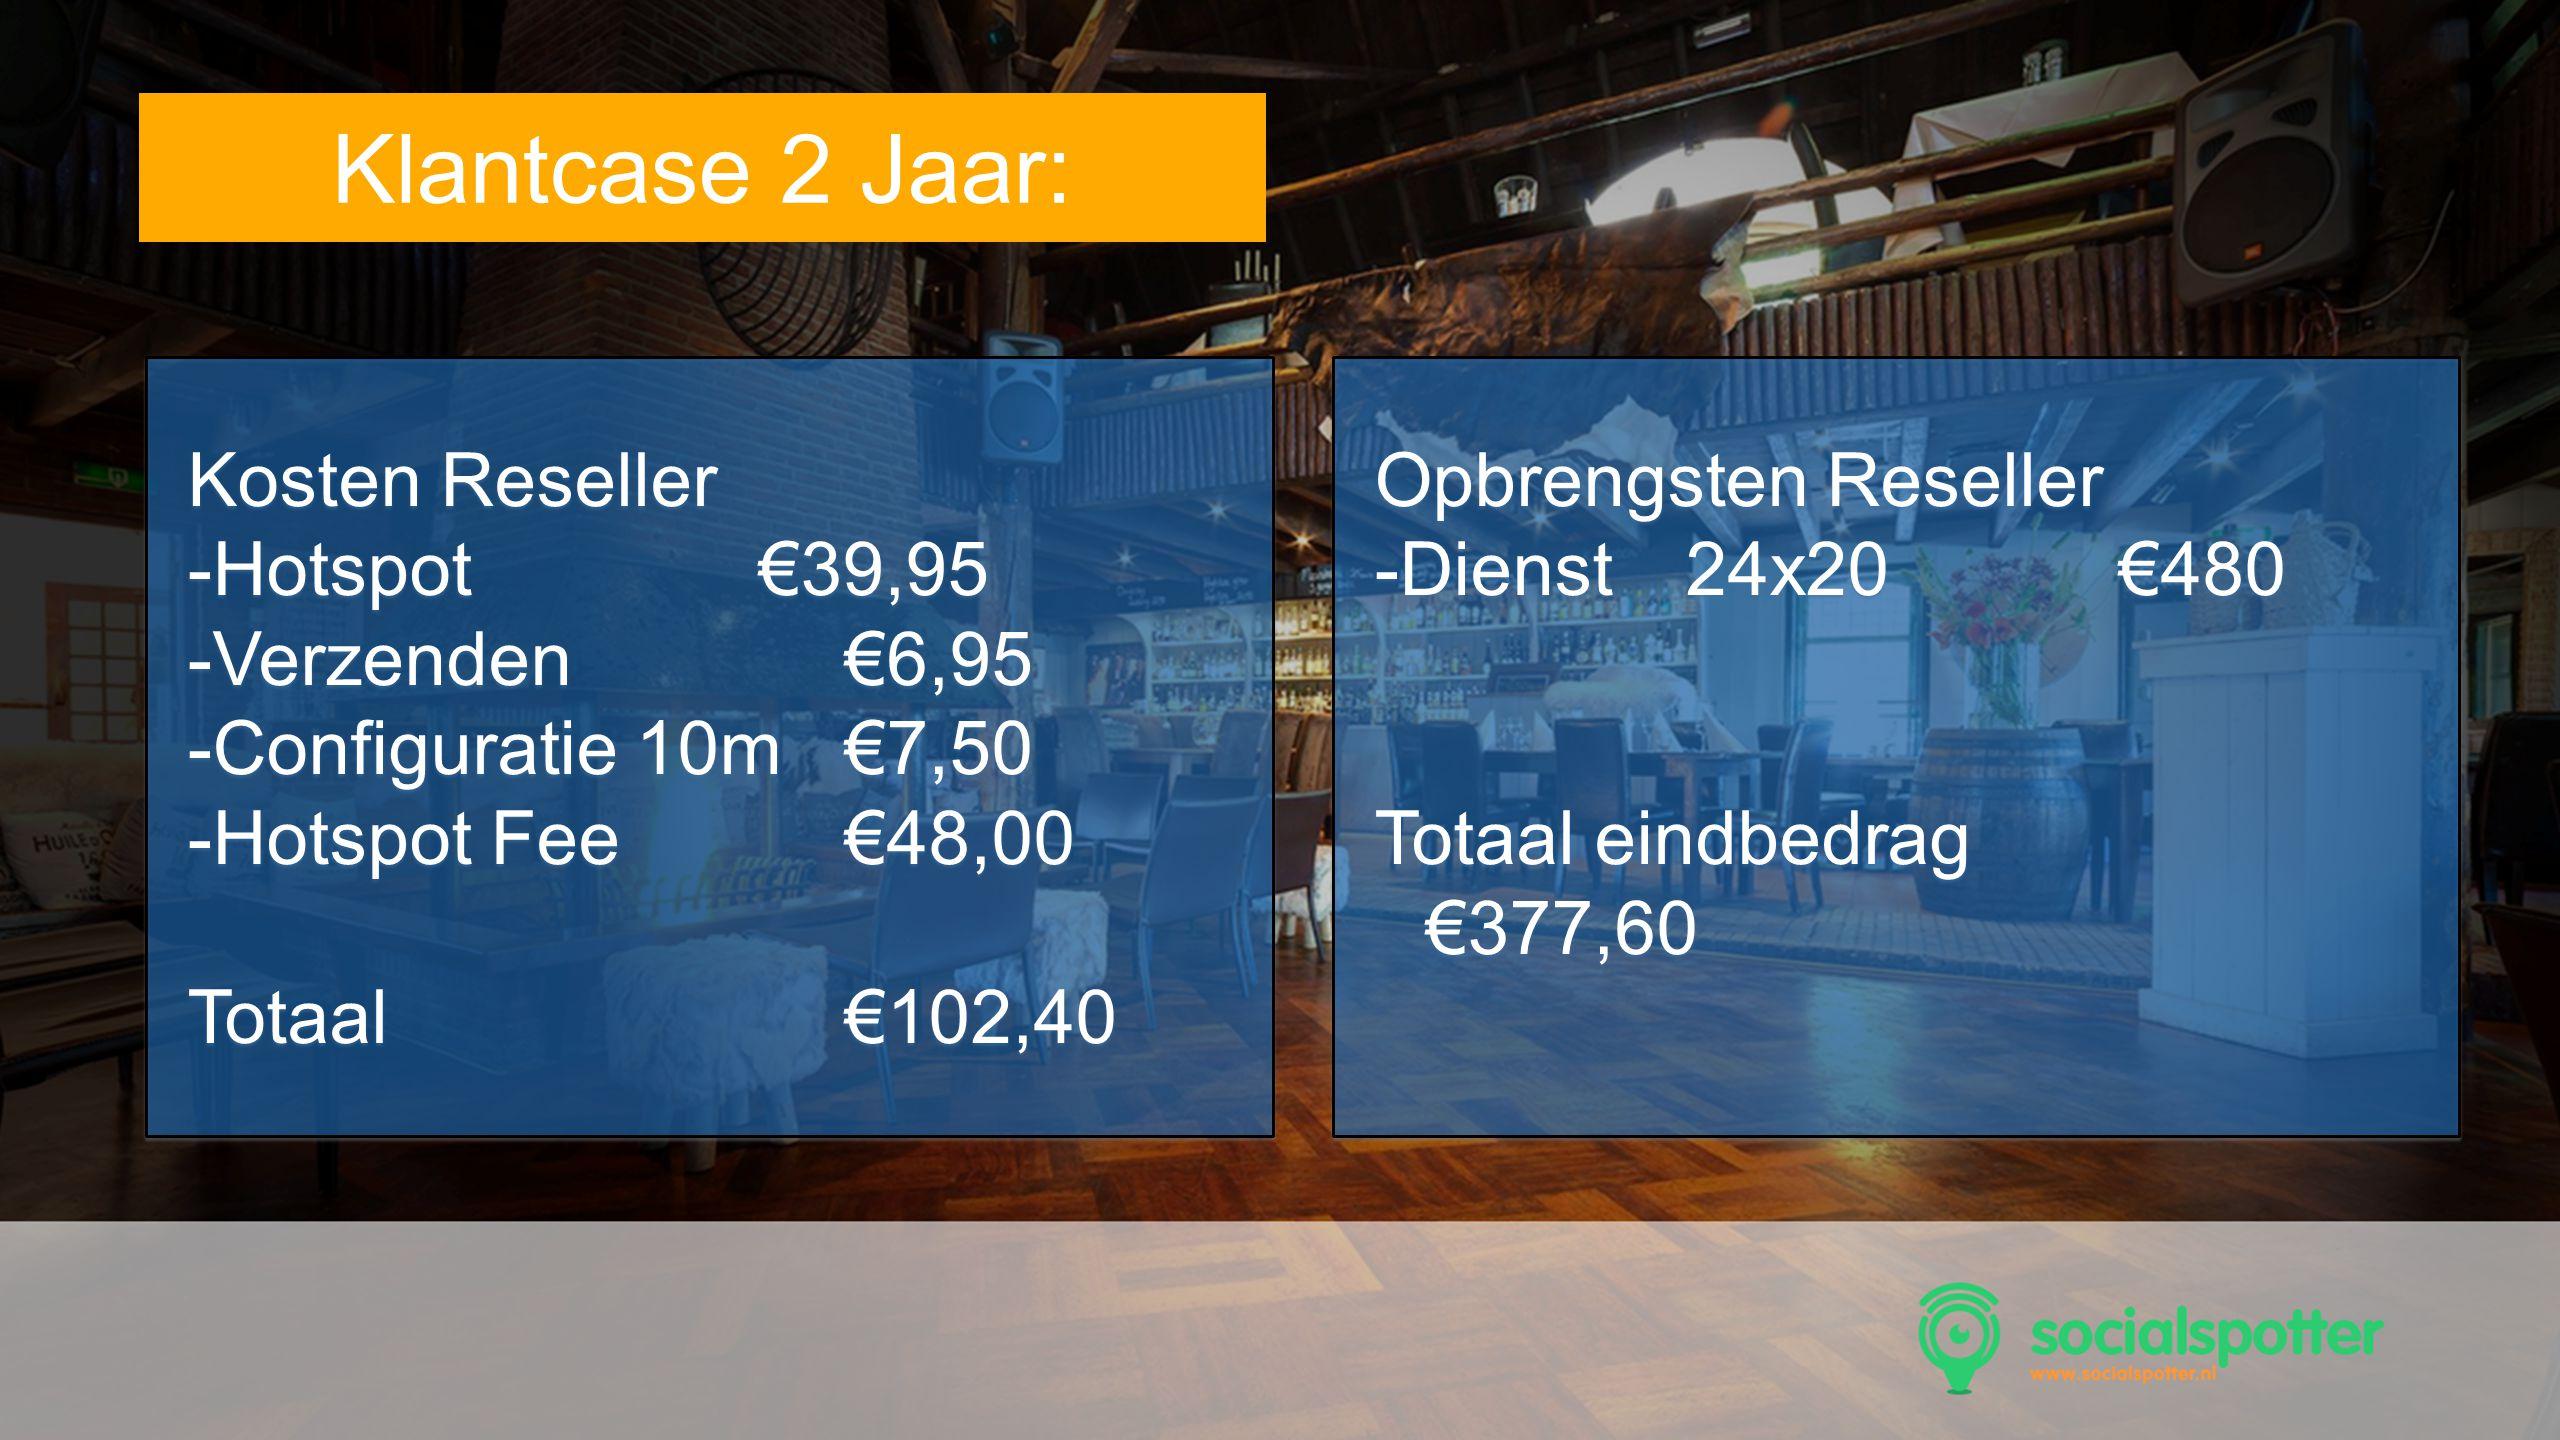 Tekst Klantcase 2 Jaar: Kosten Reseller Hotspot €39,95 Verzenden €6,95